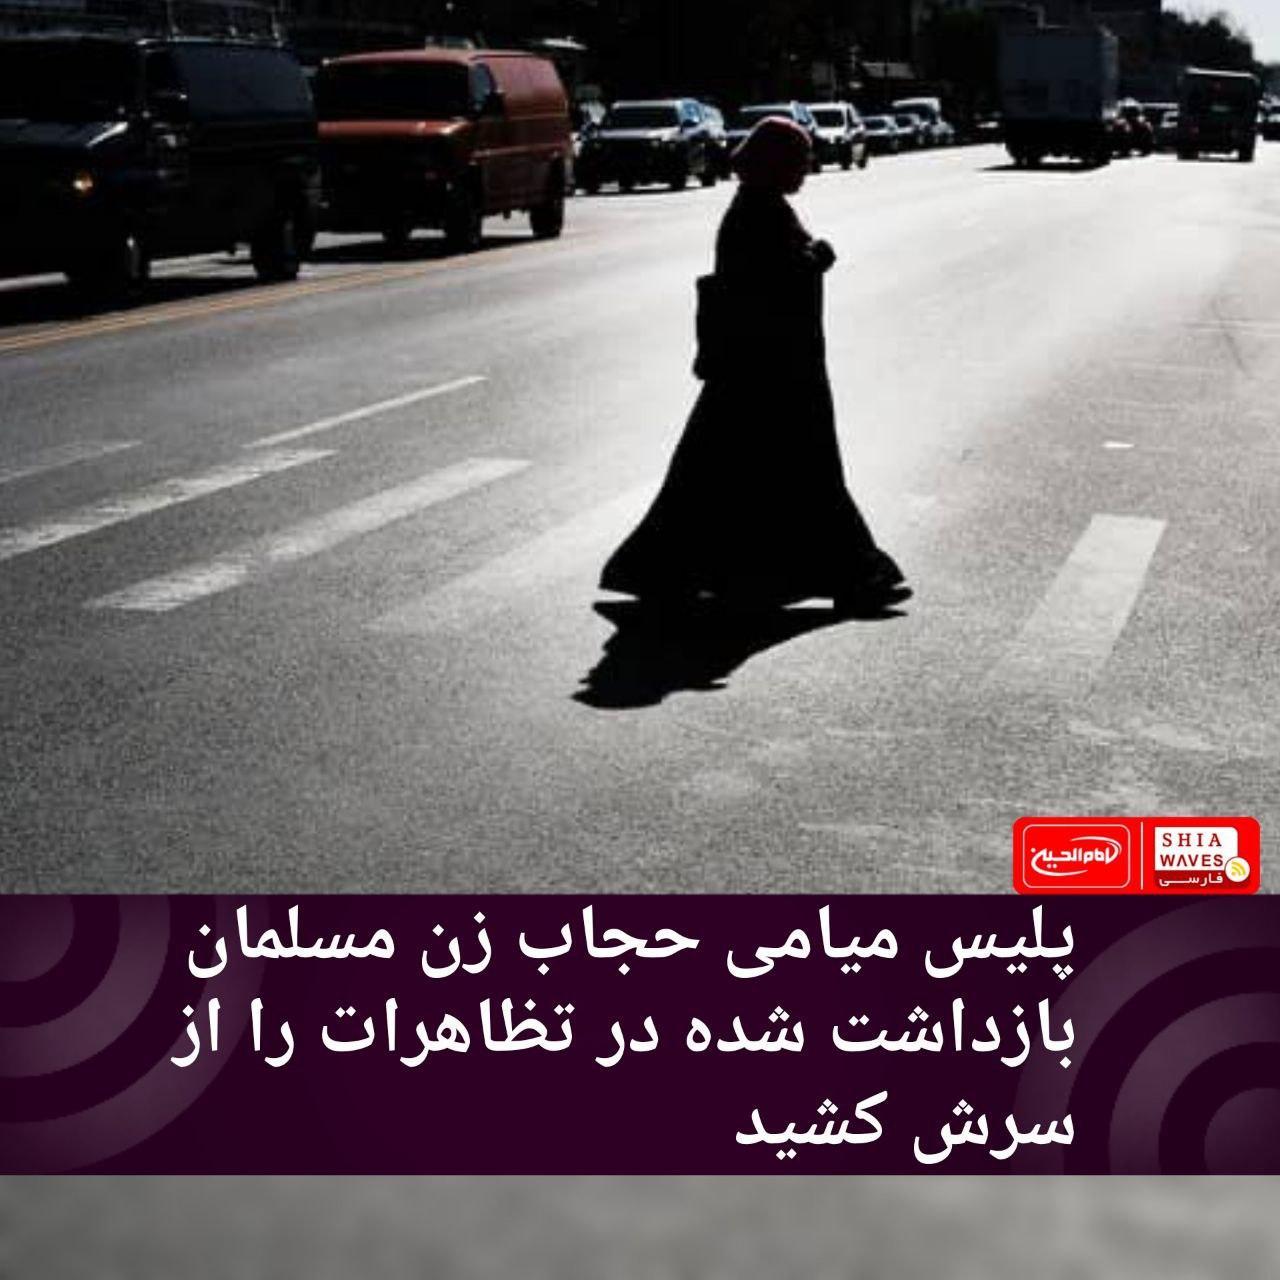 تصویر پلیس میامی حجاب زن مسلمان بازداشت شده در تظاهرات را از سرش کشید